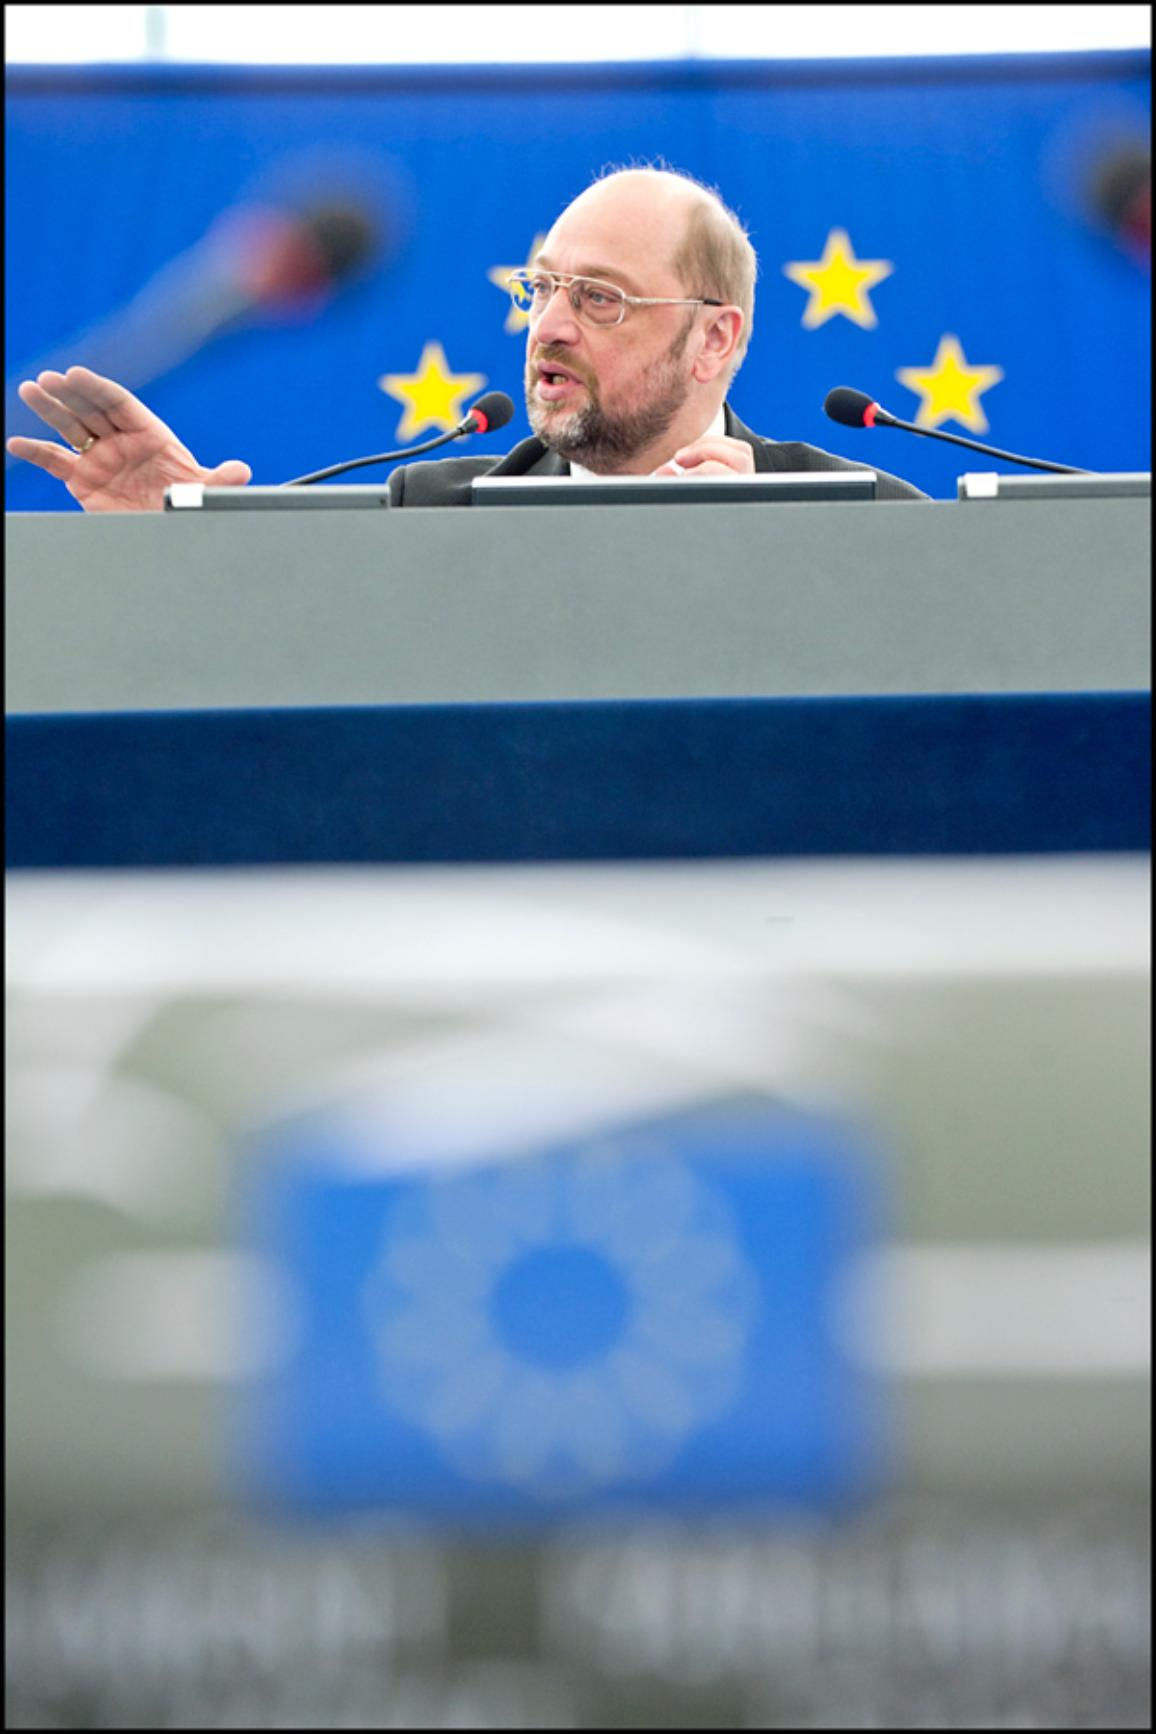 El Presidente del Parlamento Europeo, durante una de sus intervenciones en la Eurocámara